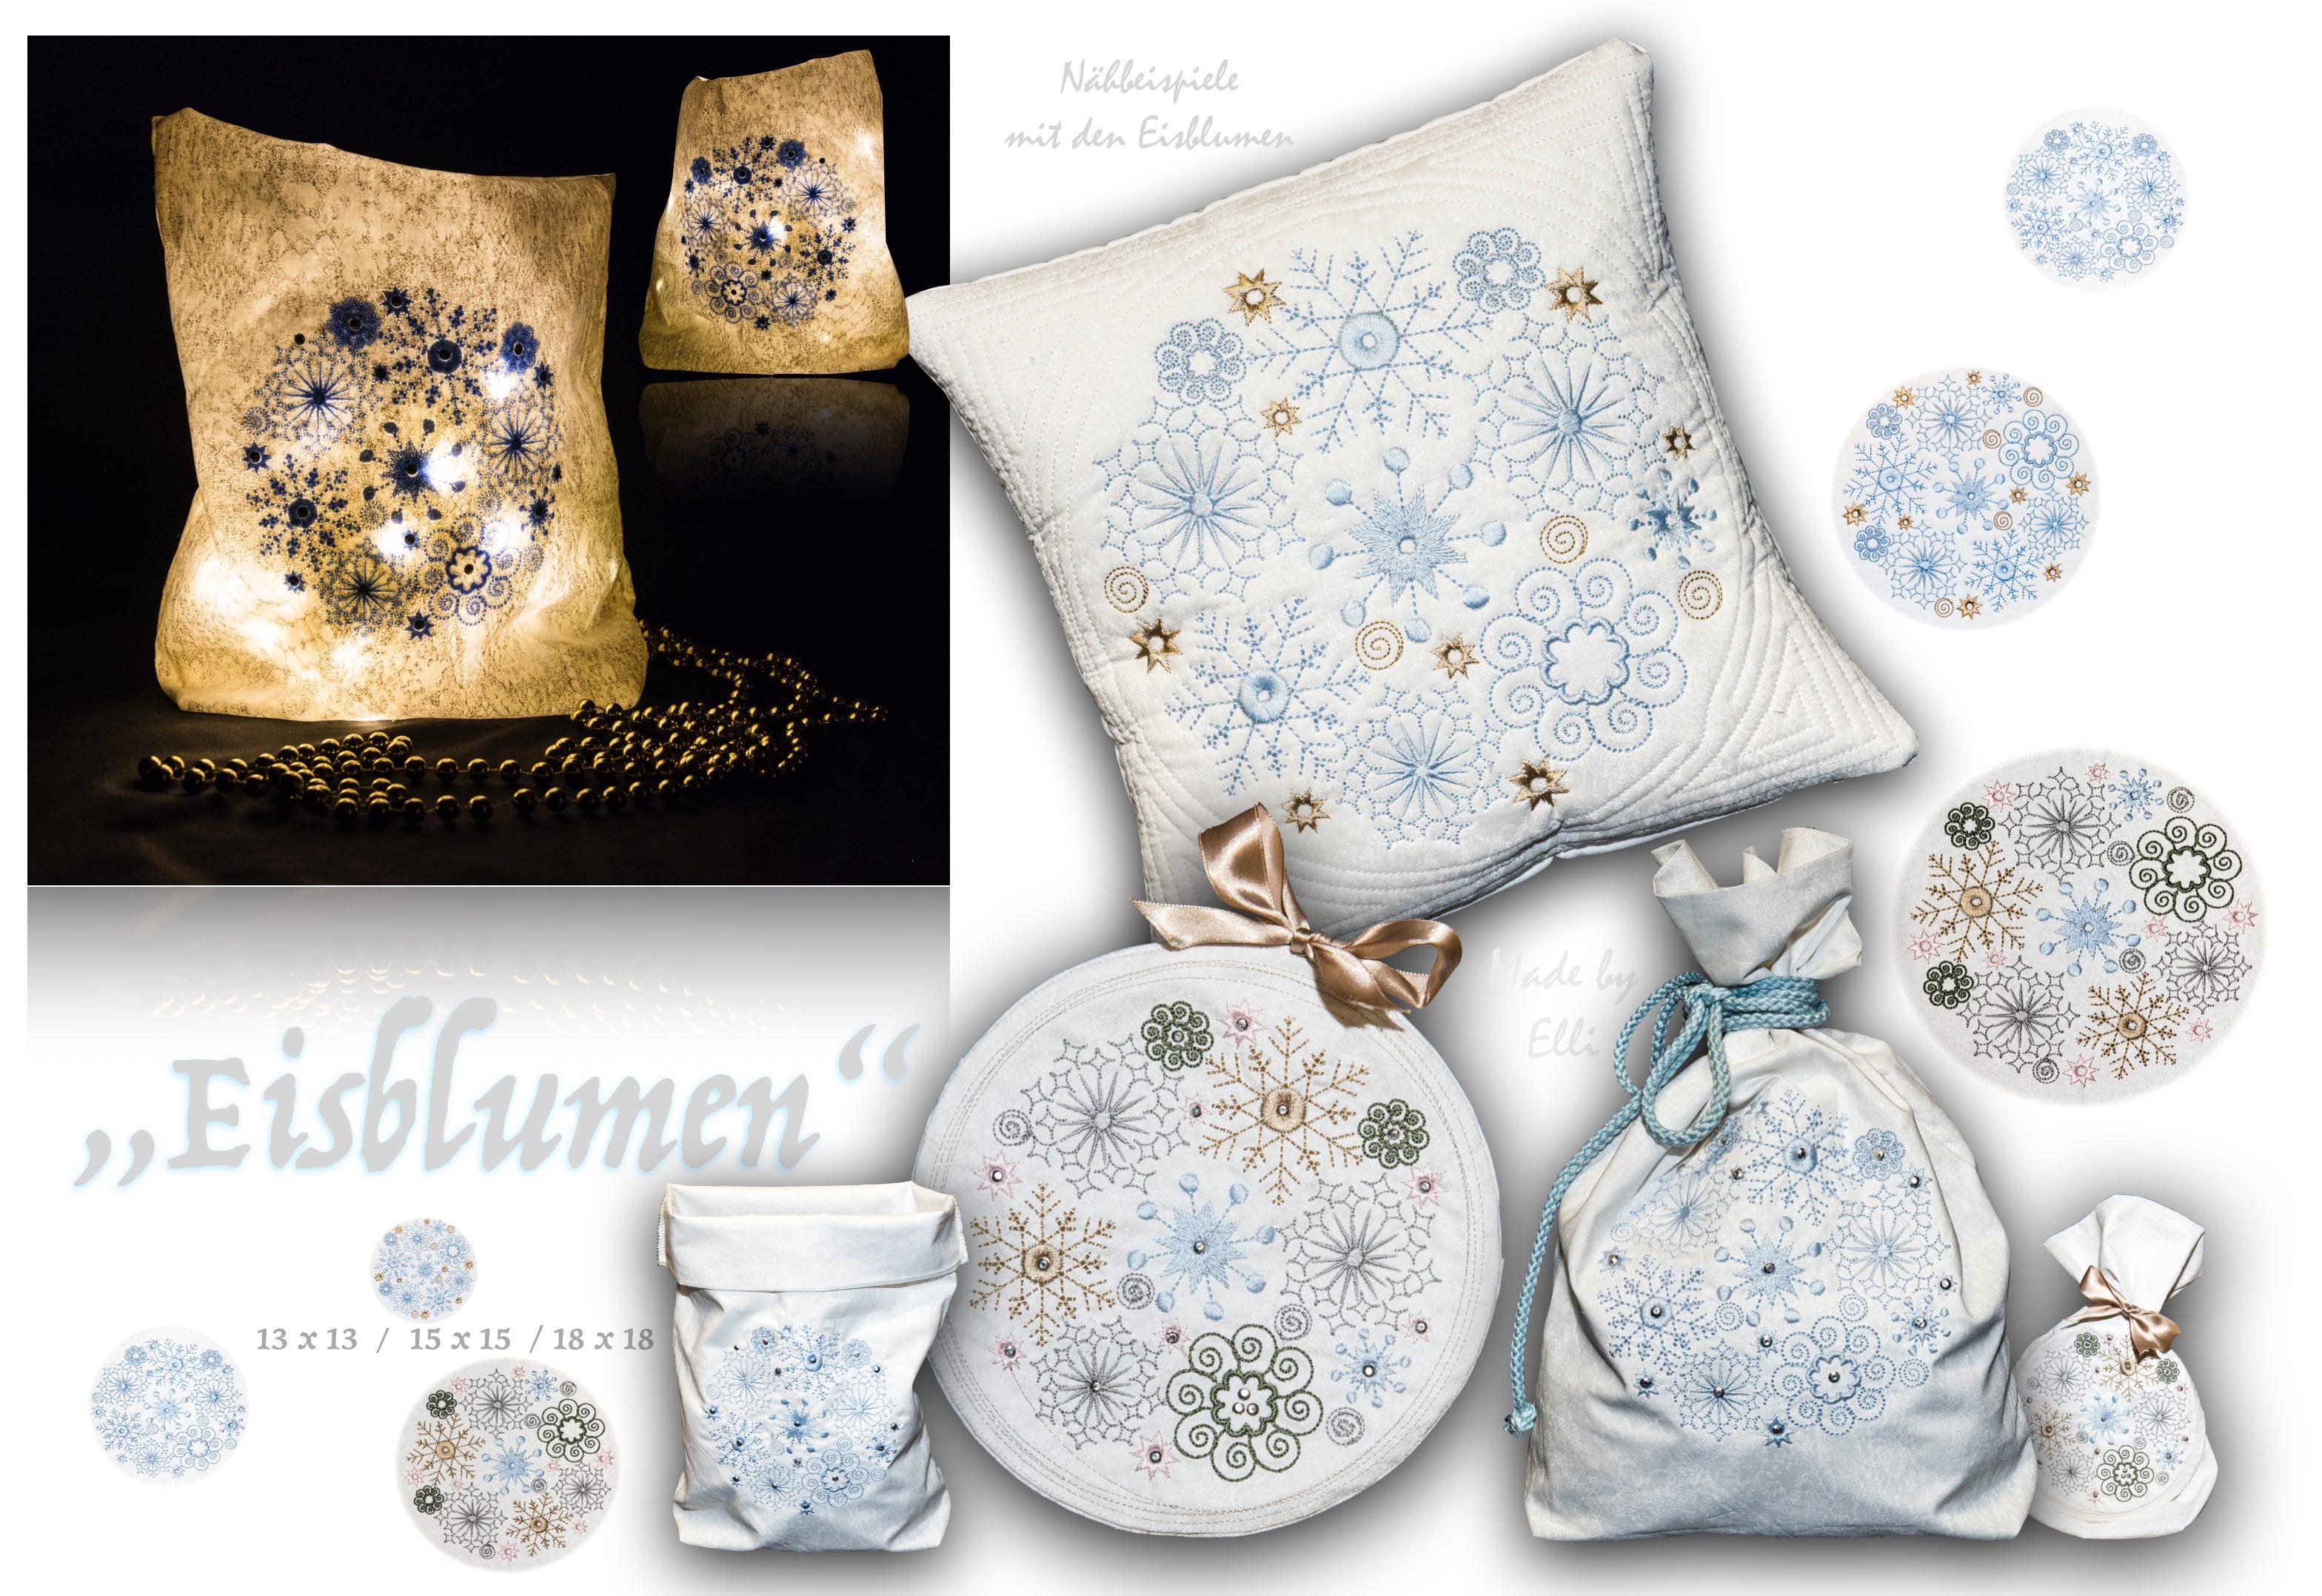 Eisblumen Beispiele